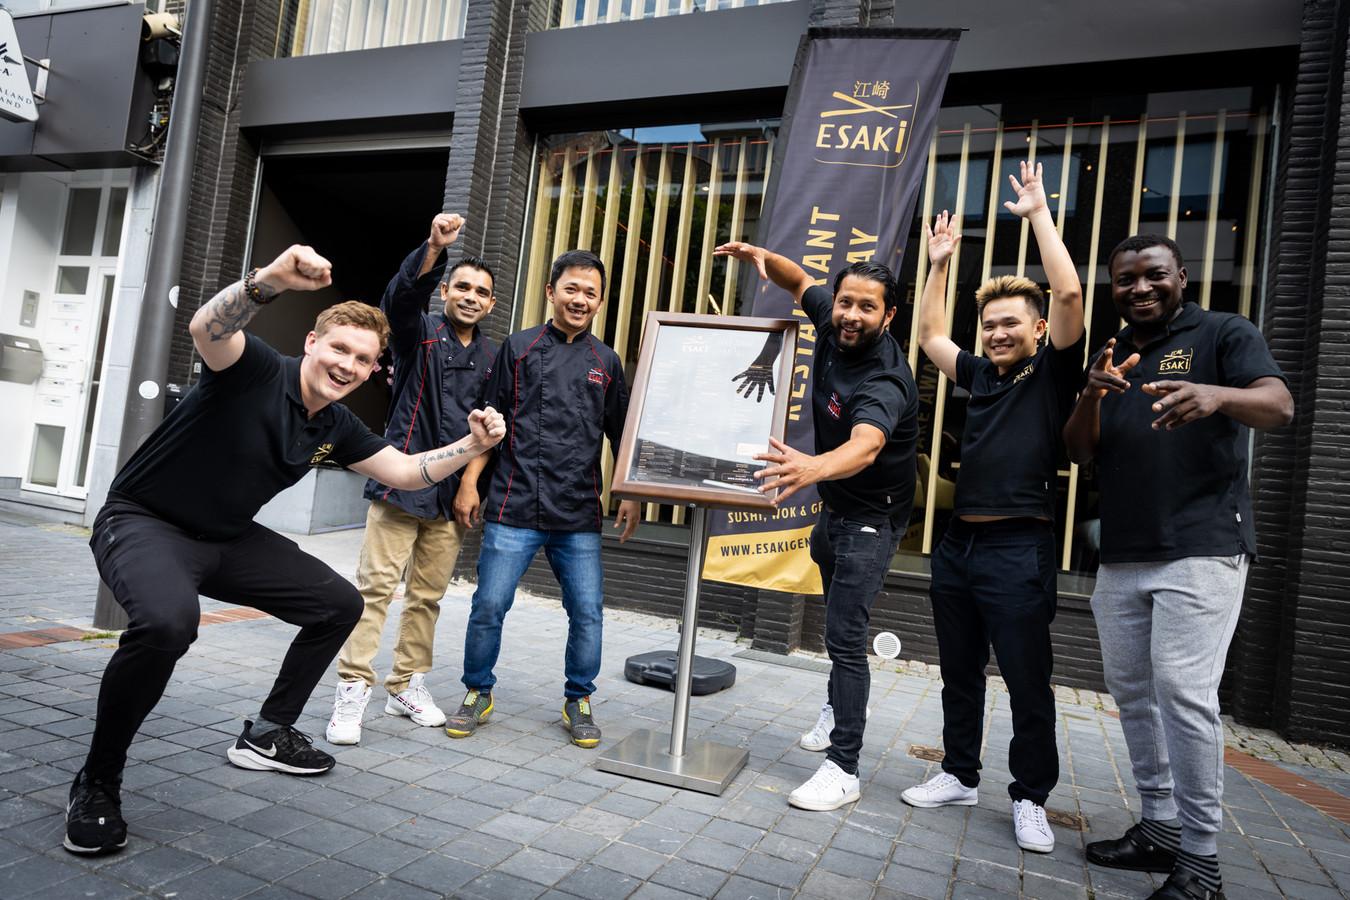 Zaakvoerder Krishna Simkhada (derde van rechts) en zijn team openen woensdag het restaurantgedeelte van Esaki Sushi in Genk.